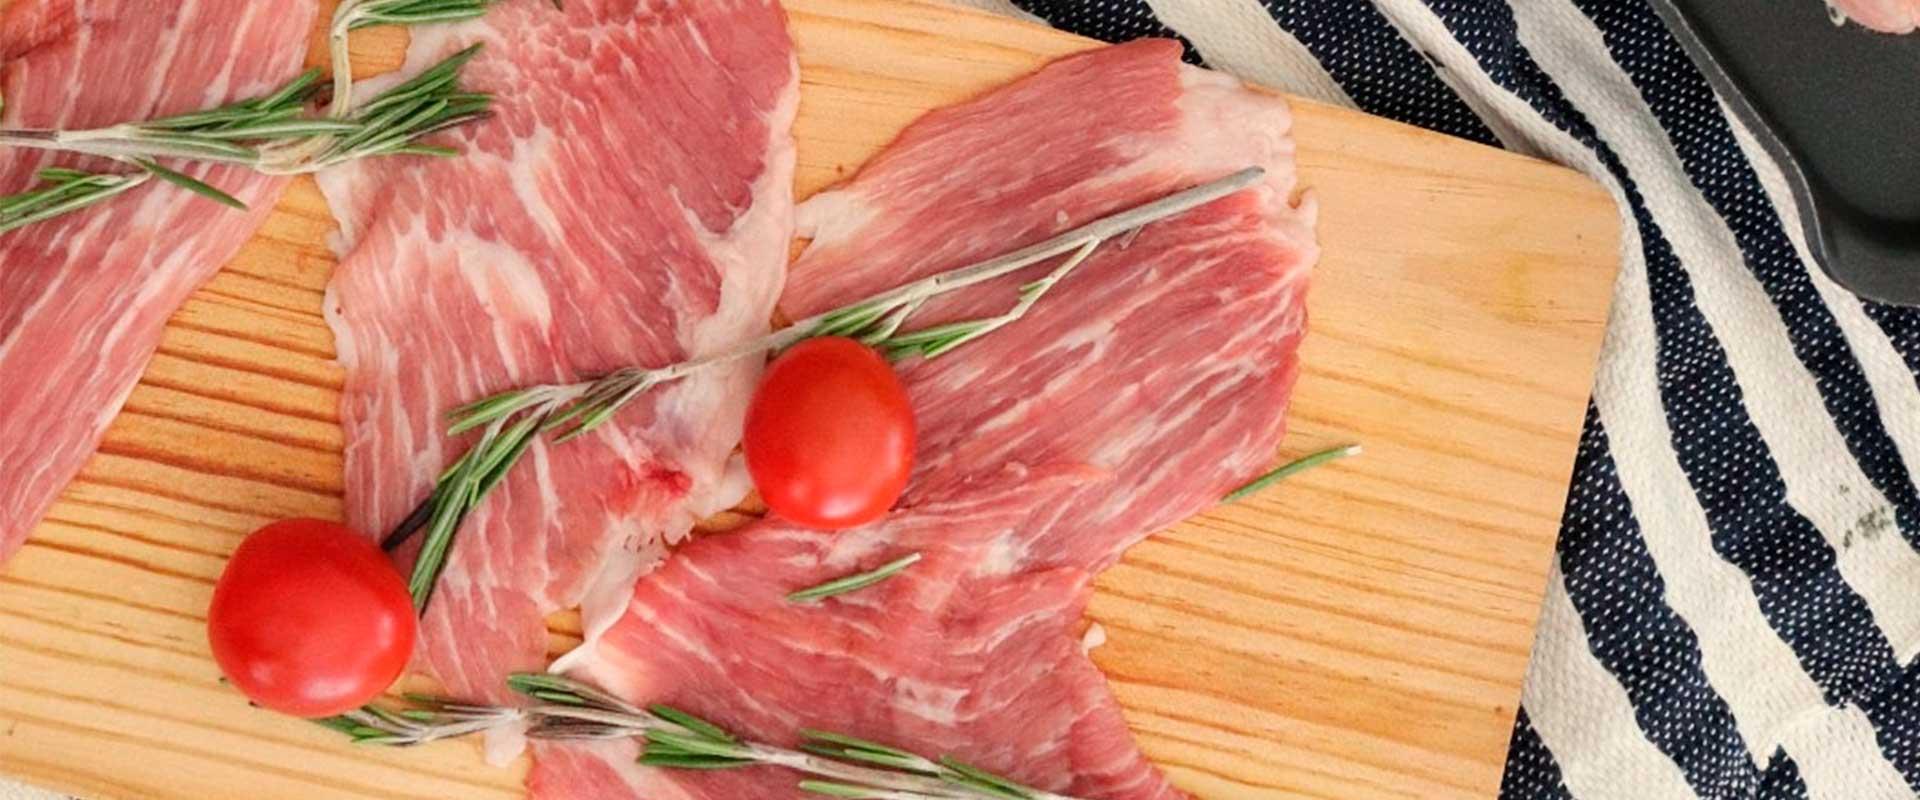 Carnes ibericas de bellota Señorio de Montanera